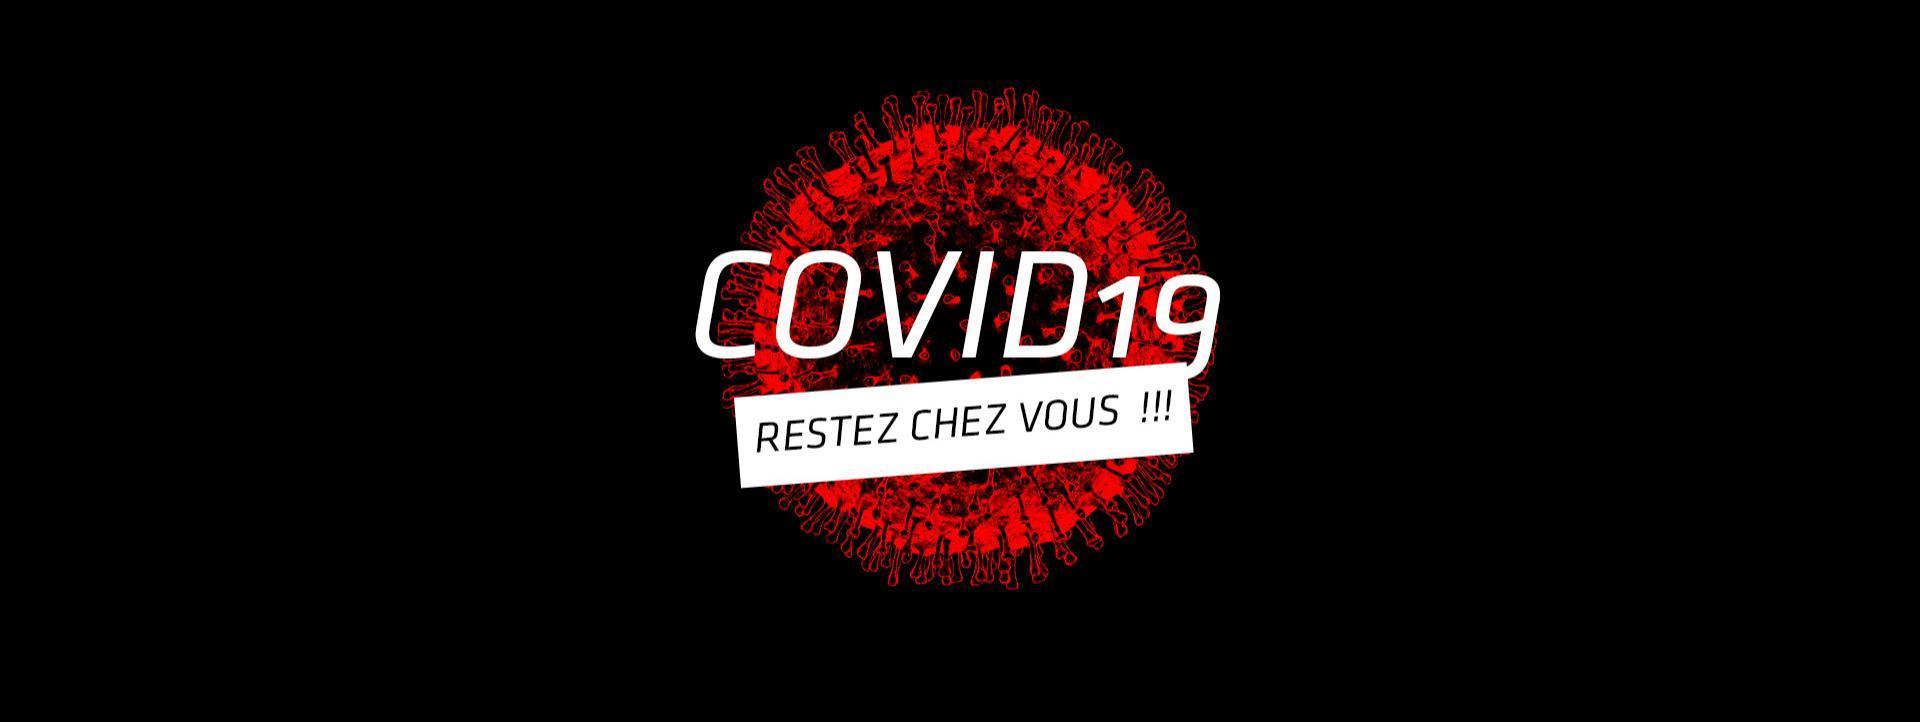 Info Santé COVID19 - Coronavirus - activités nautiques interdites (aussi)